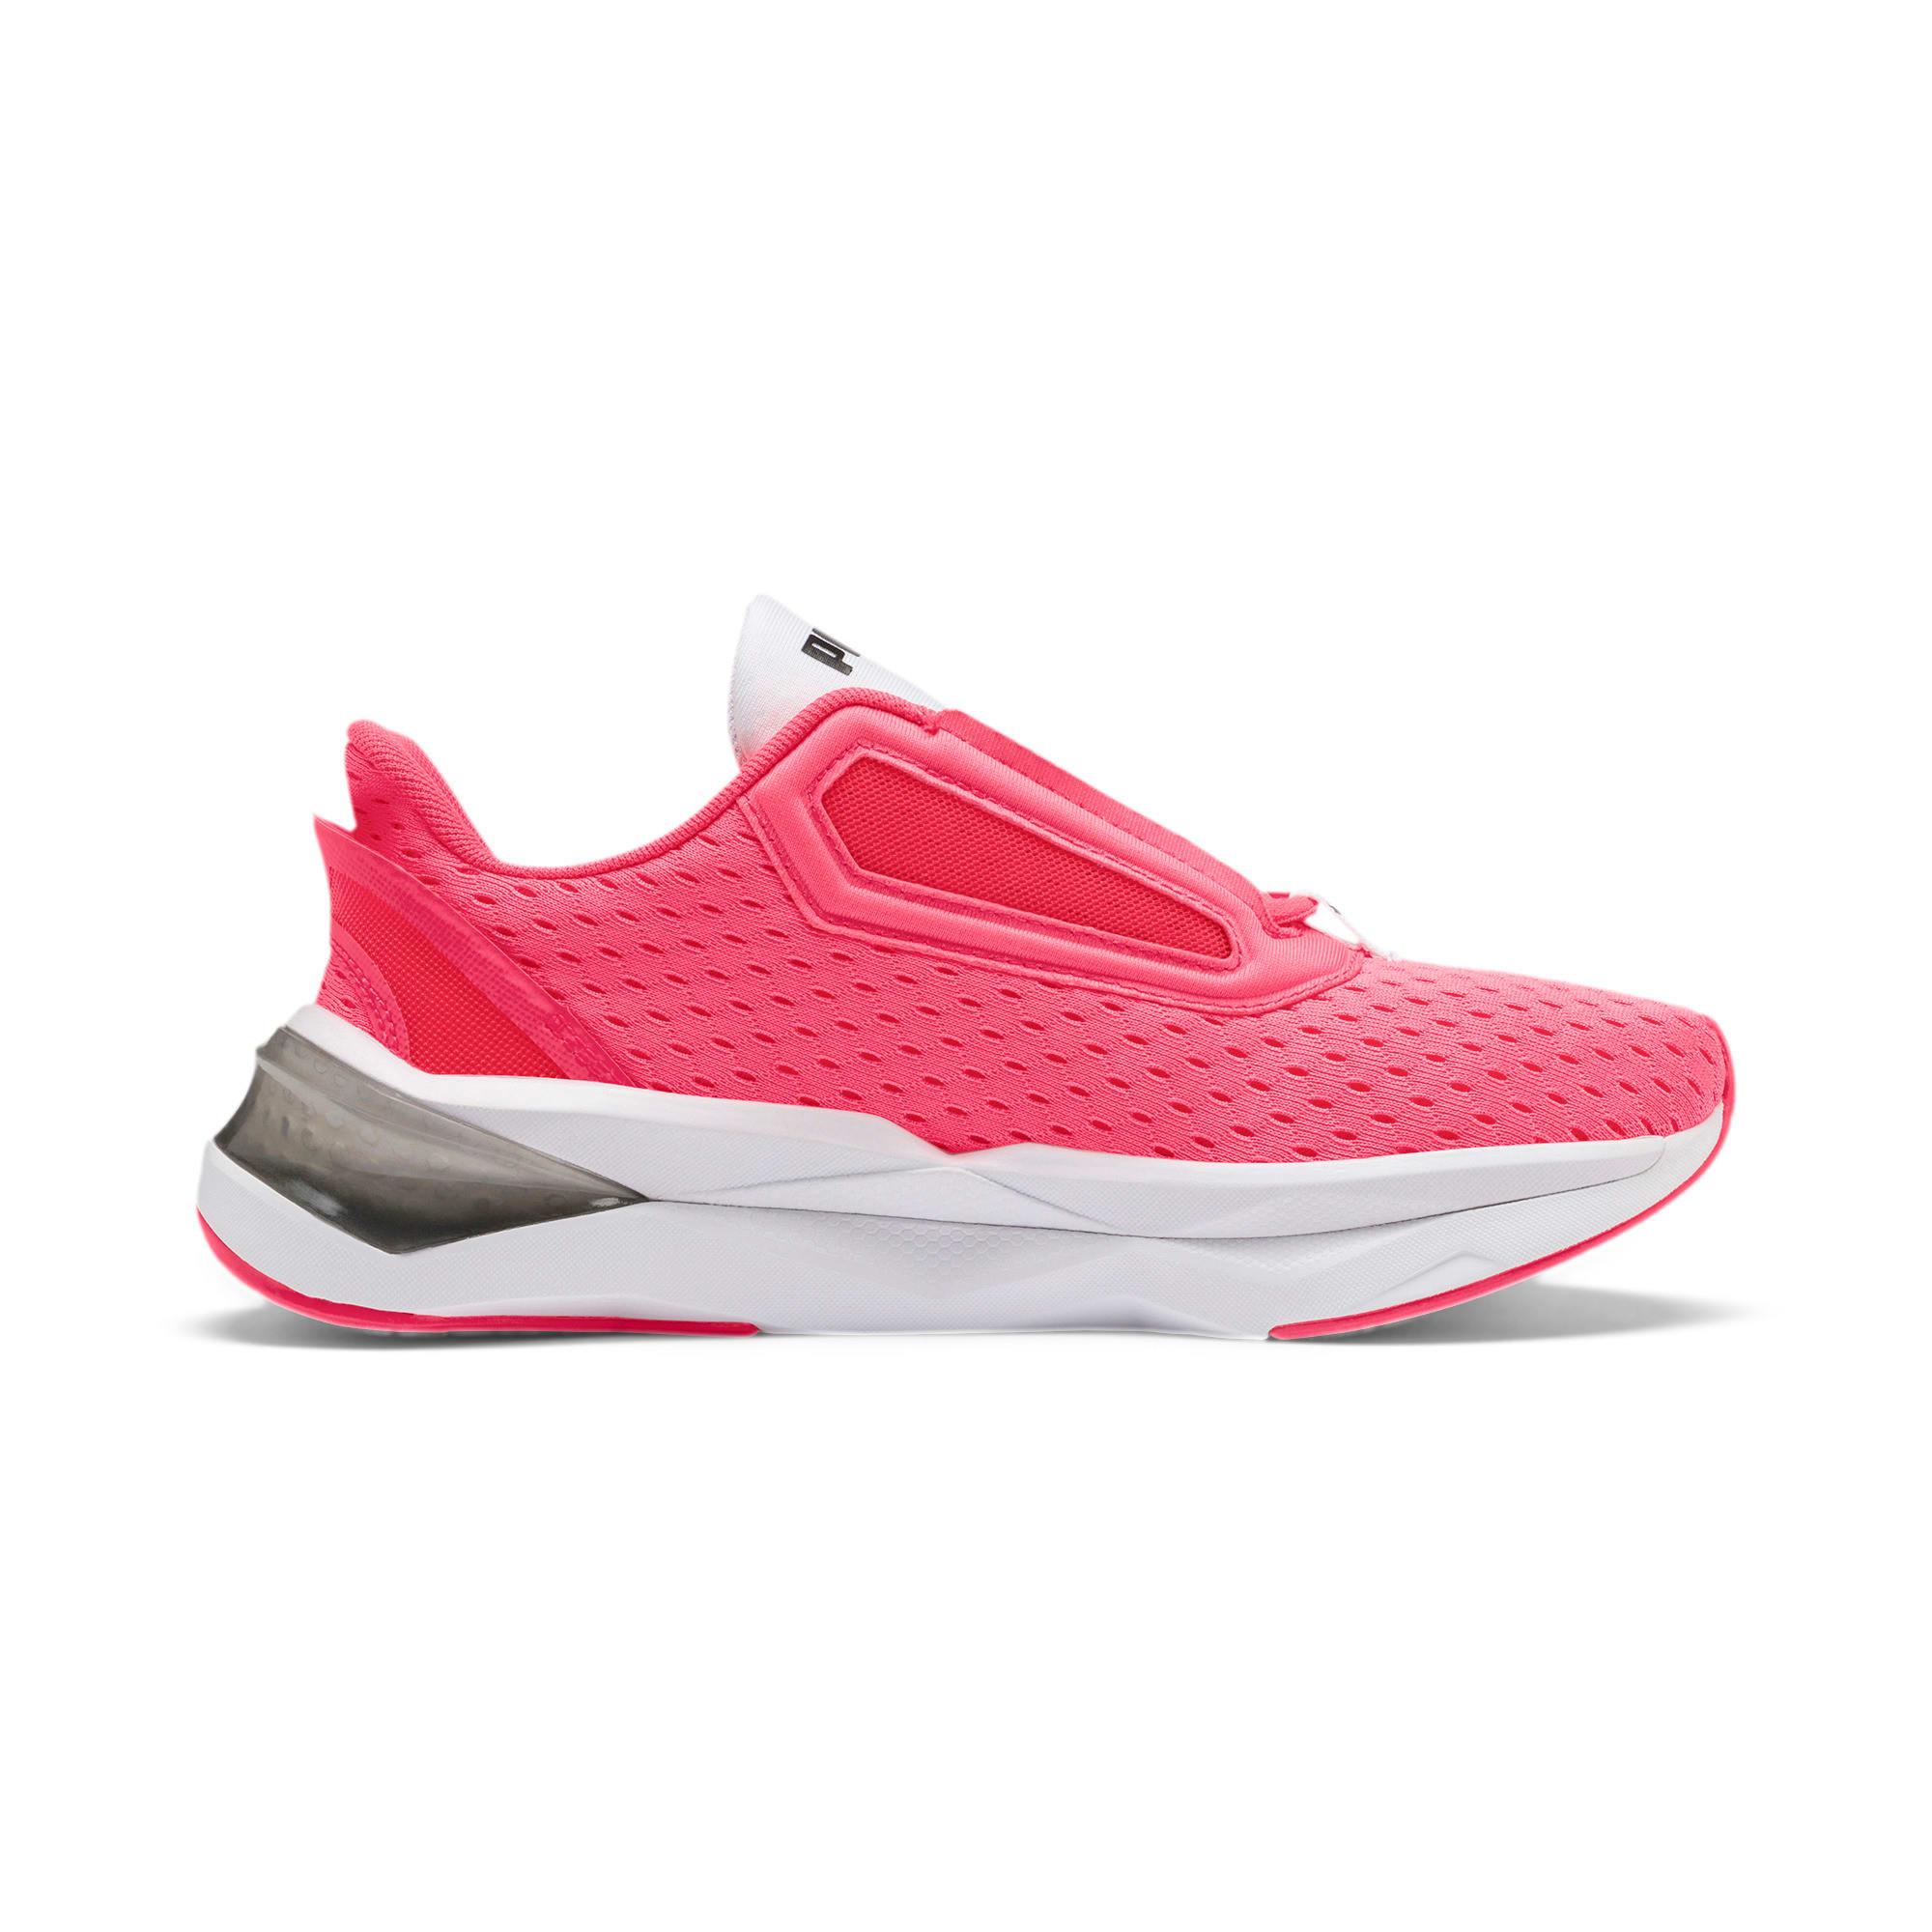 Imagen en miniatura 9 de Zapatillas de training de mujer LQDCell Shatter XT, Pink Alert-Puma White, mediana